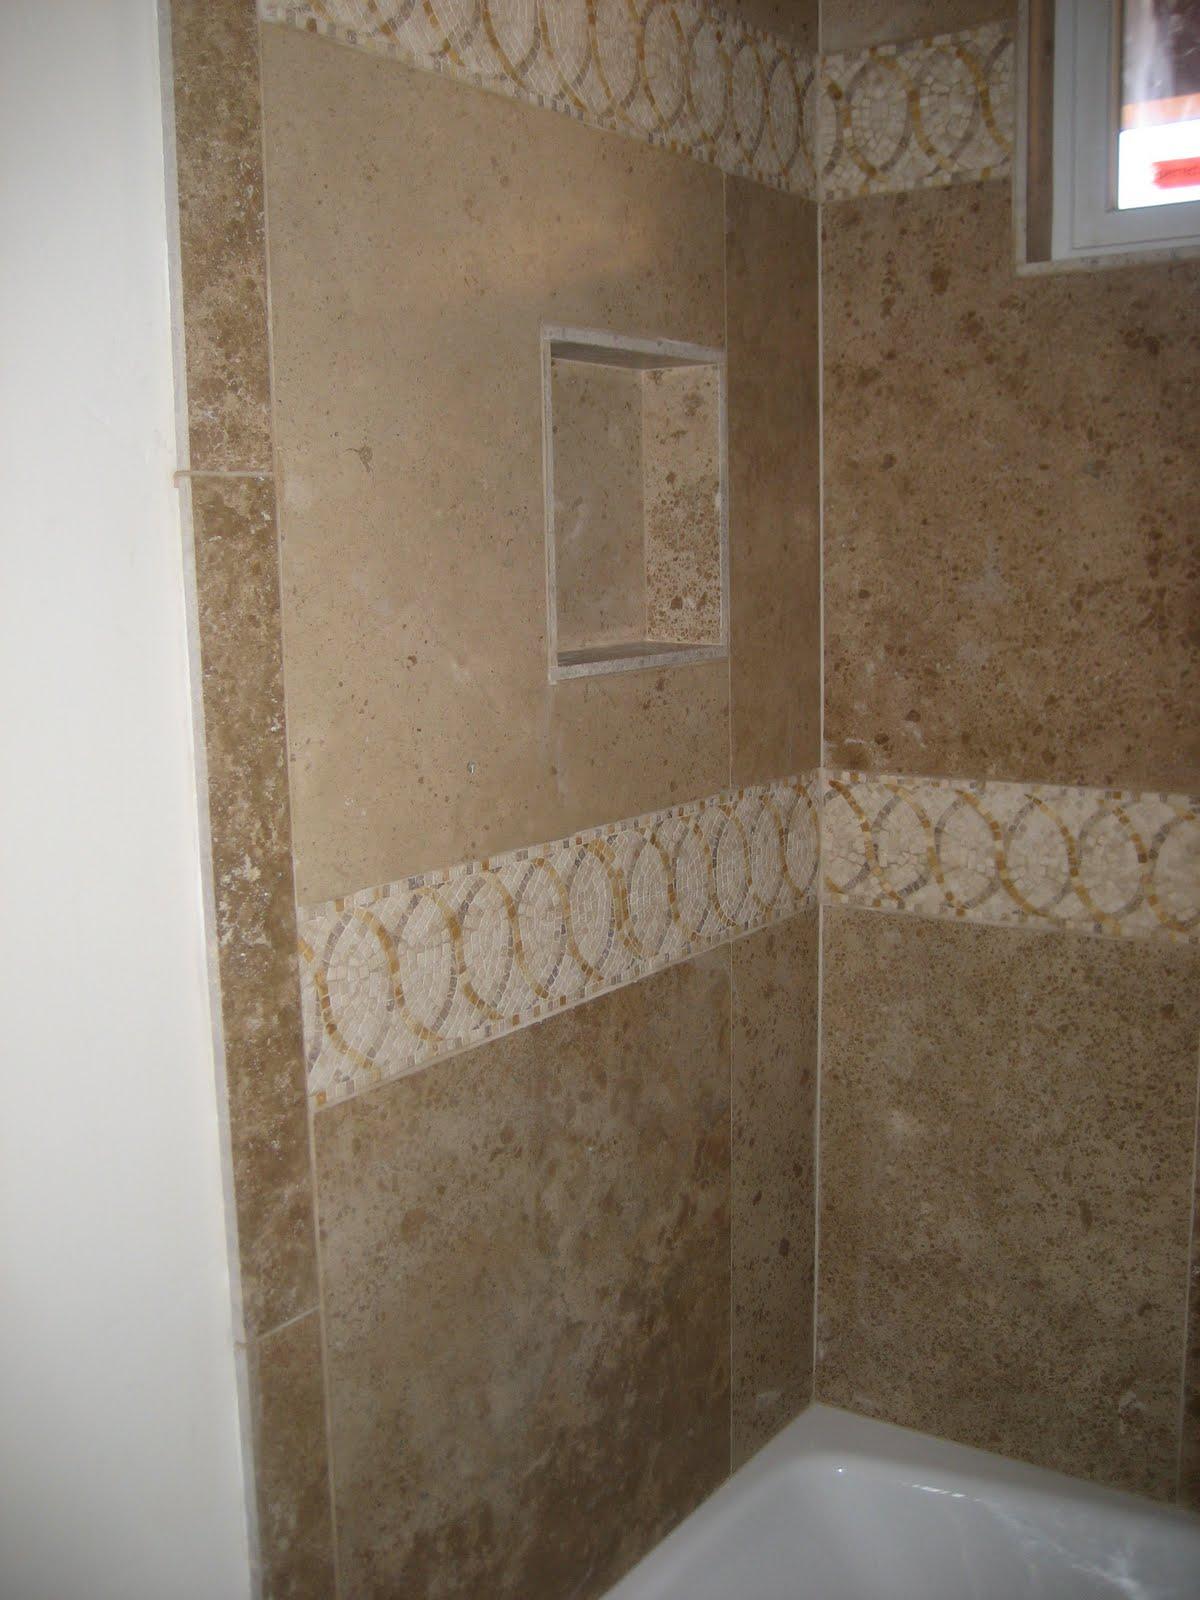 wonderful tile around tub Part - 12: wonderful tile around tub ideas